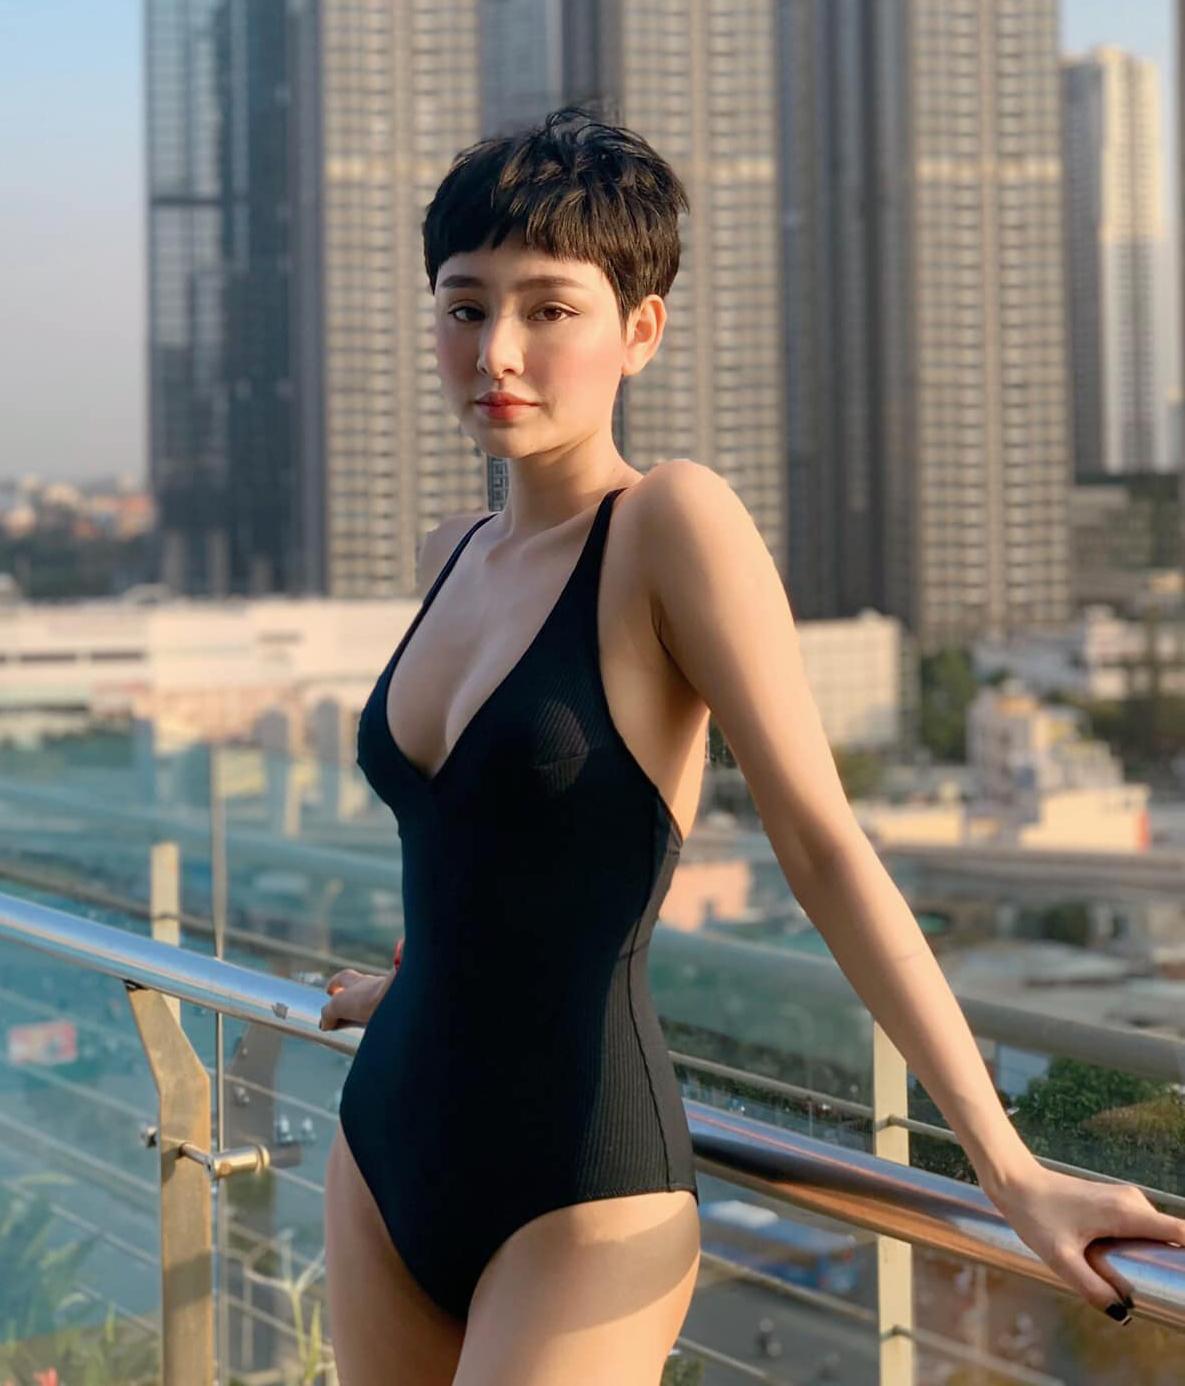 Người đẹp 24 tuổi có cả bộ sưu tập đồ tắm không quá hở hang nhưng vẫn giúp cô tôn lên đường cong chữ S cũng như ưu điểm vóc dáng.